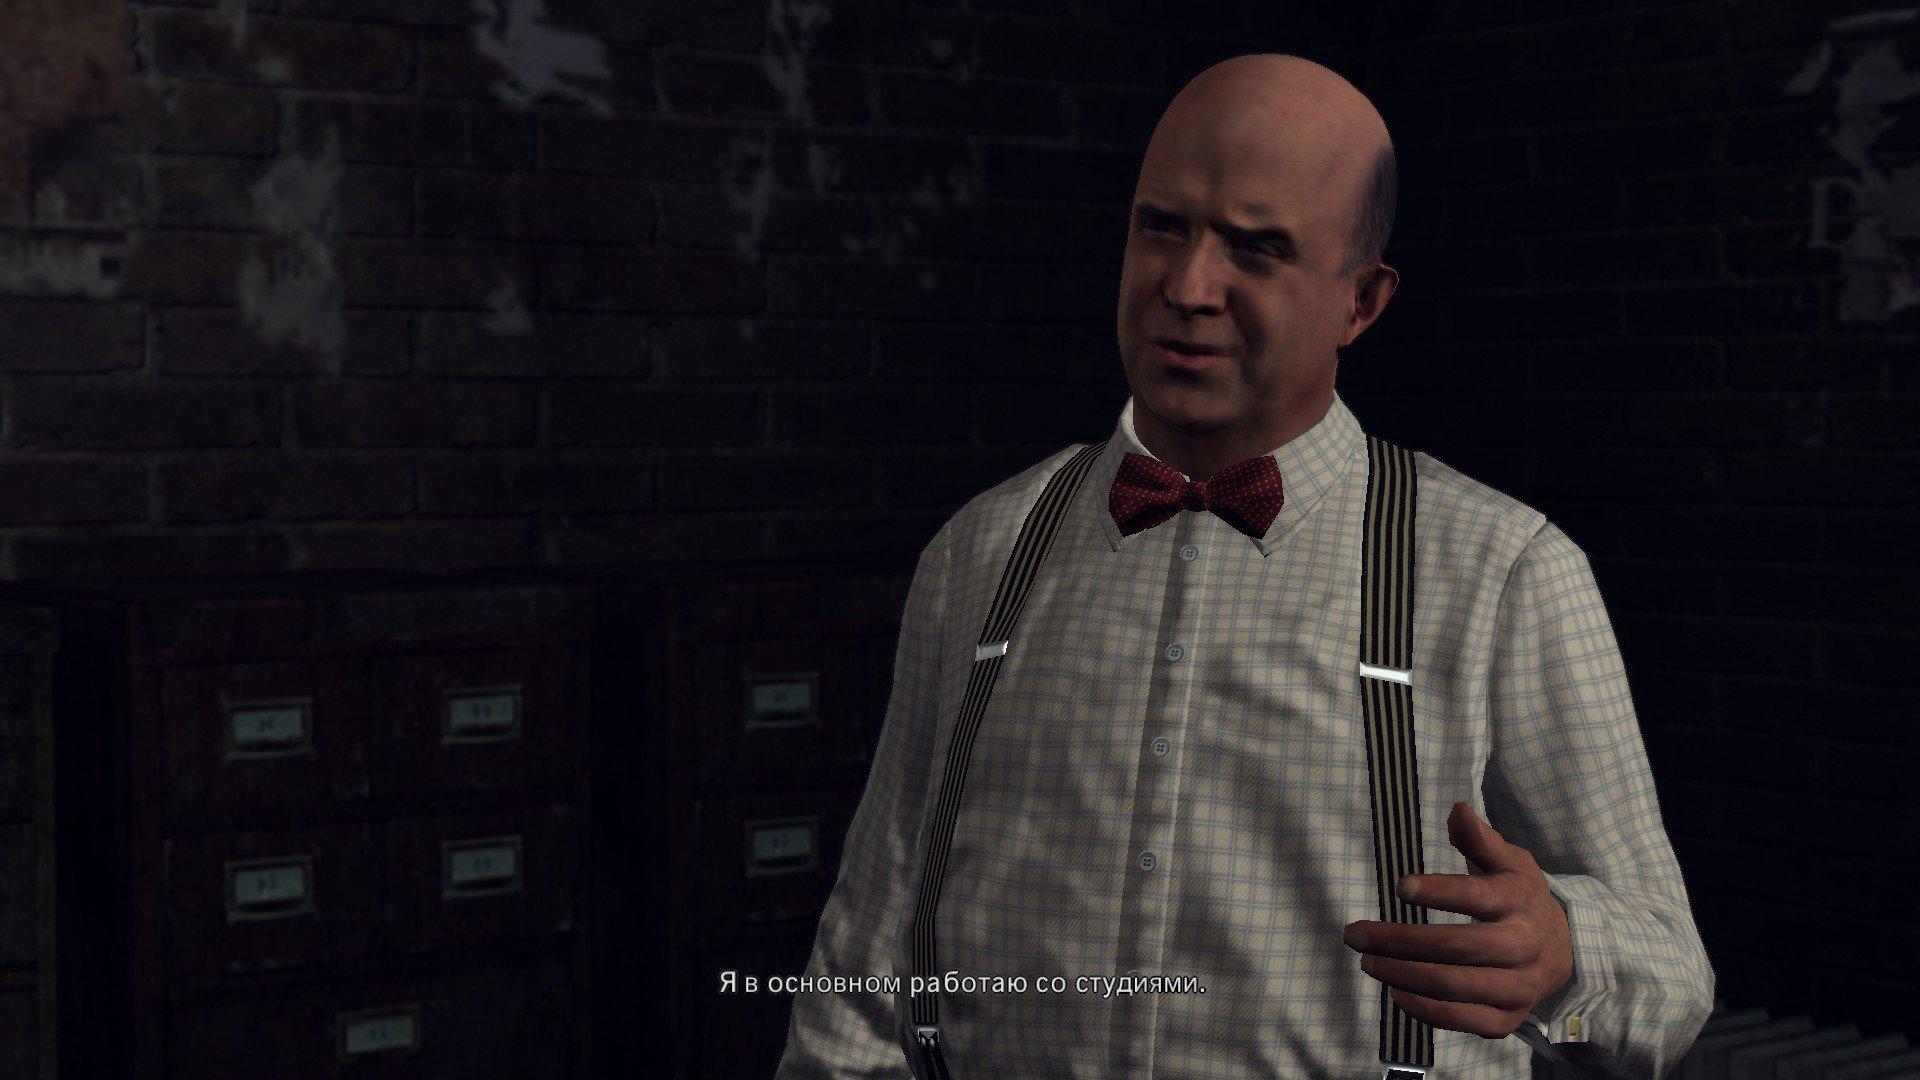 Пост-прохождение L.A. Noire Часть 5. - Изображение 43